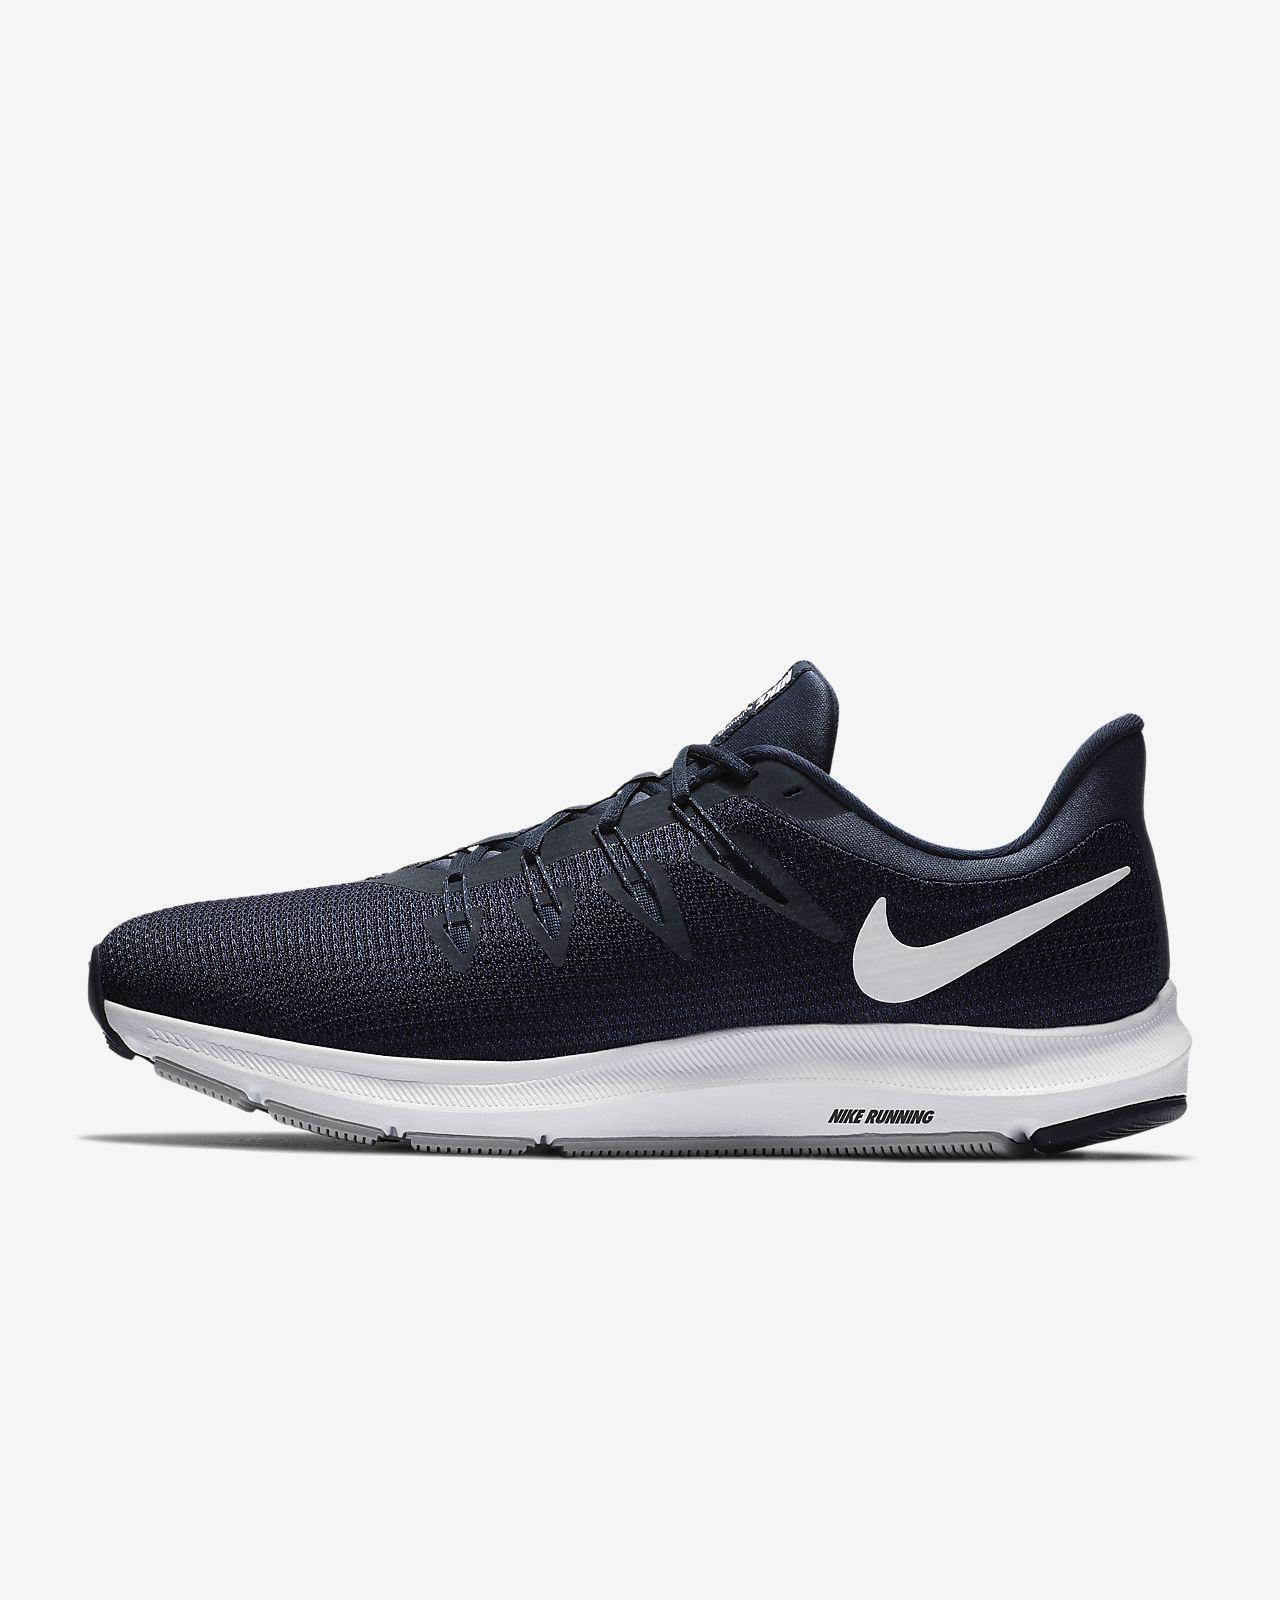 quality design 26392 da8d6 ... Chaussure de running Nike Quest pour Homme